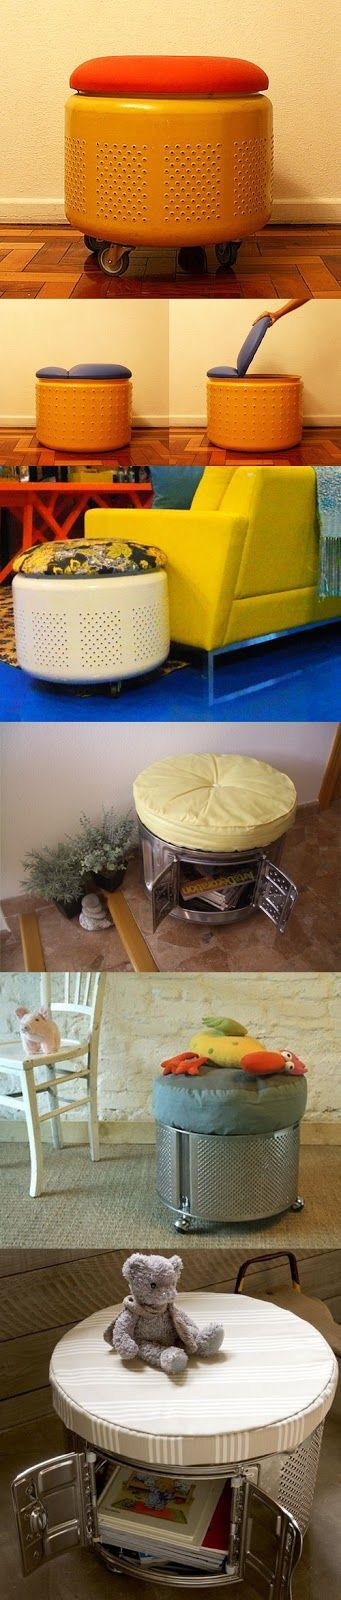 Pufe feito com tambor de máquina de lavar roupas